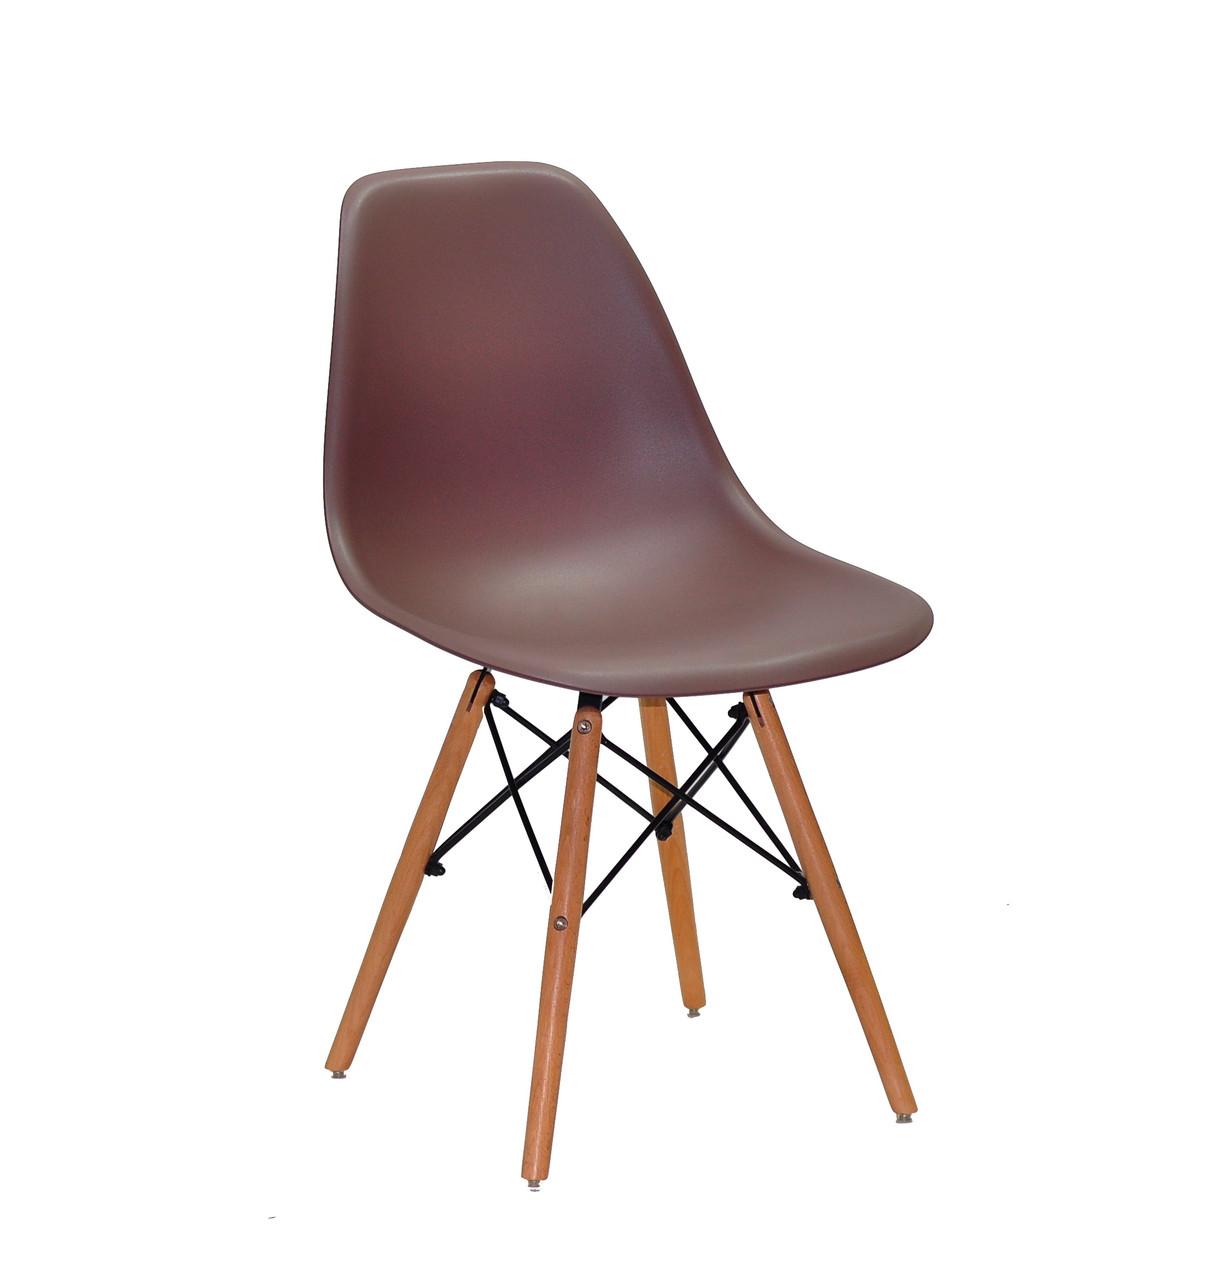 Пластиковый стул Nik NEW (Ник Н) коричневый 90 на деревянных ножках